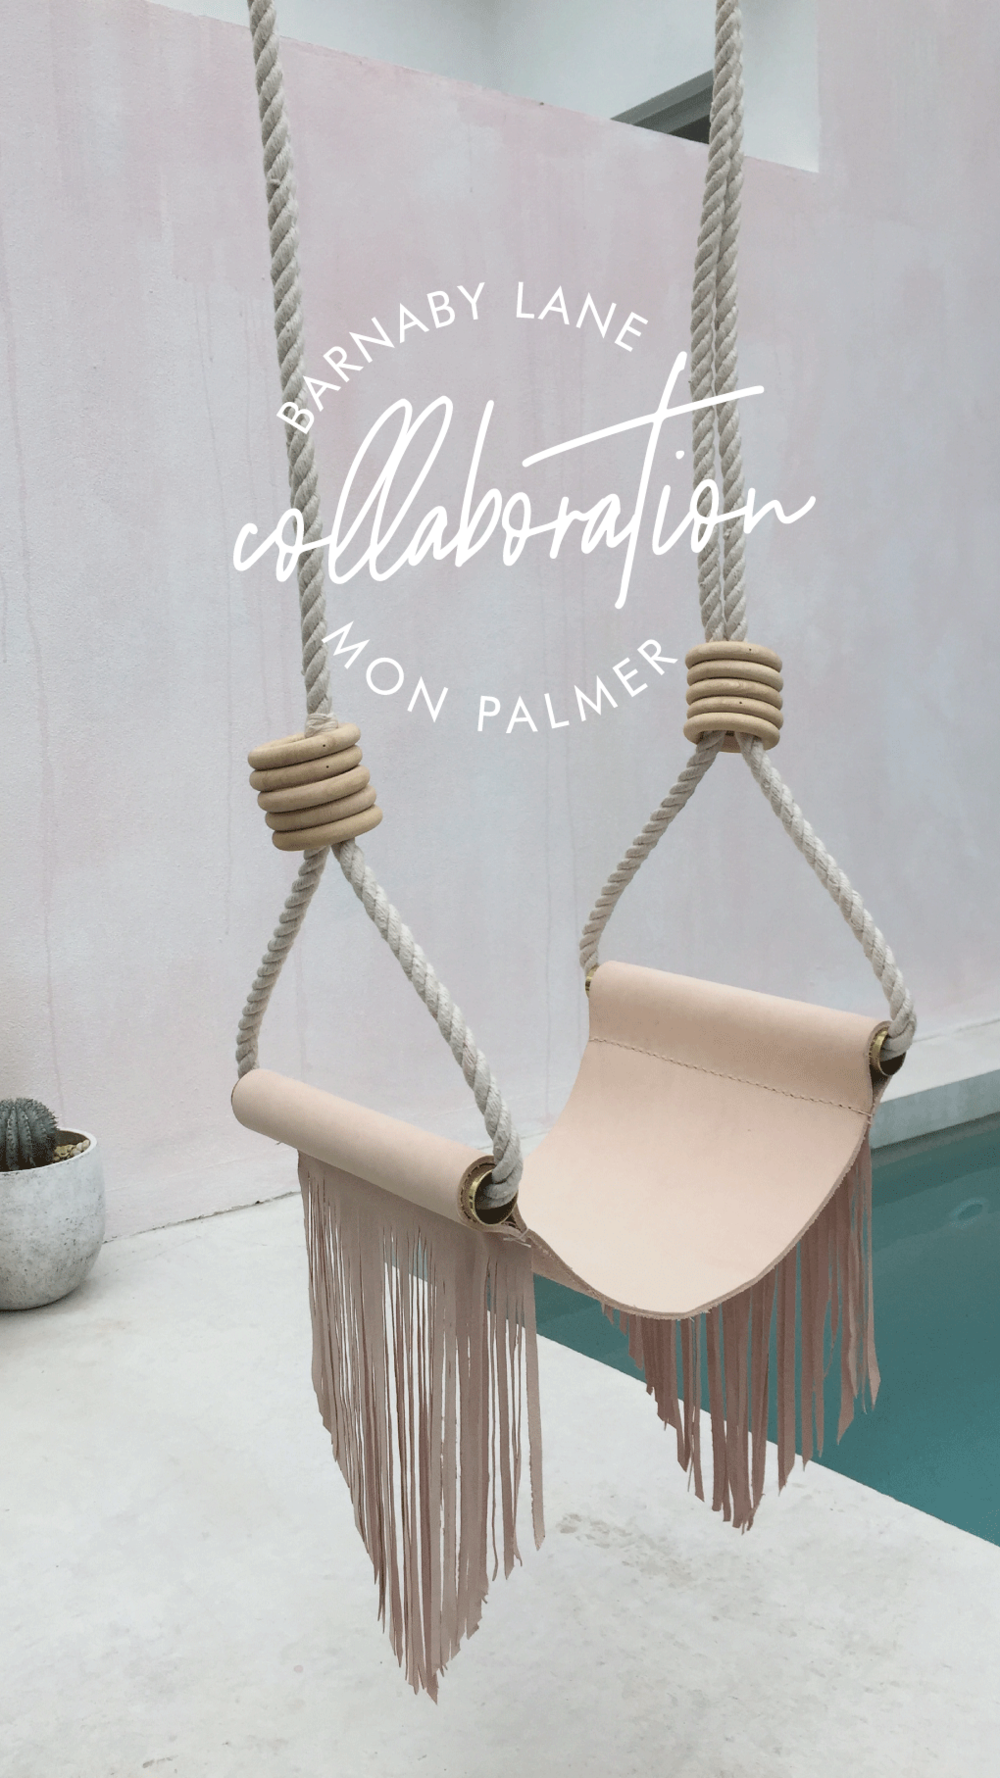 Palma Swing